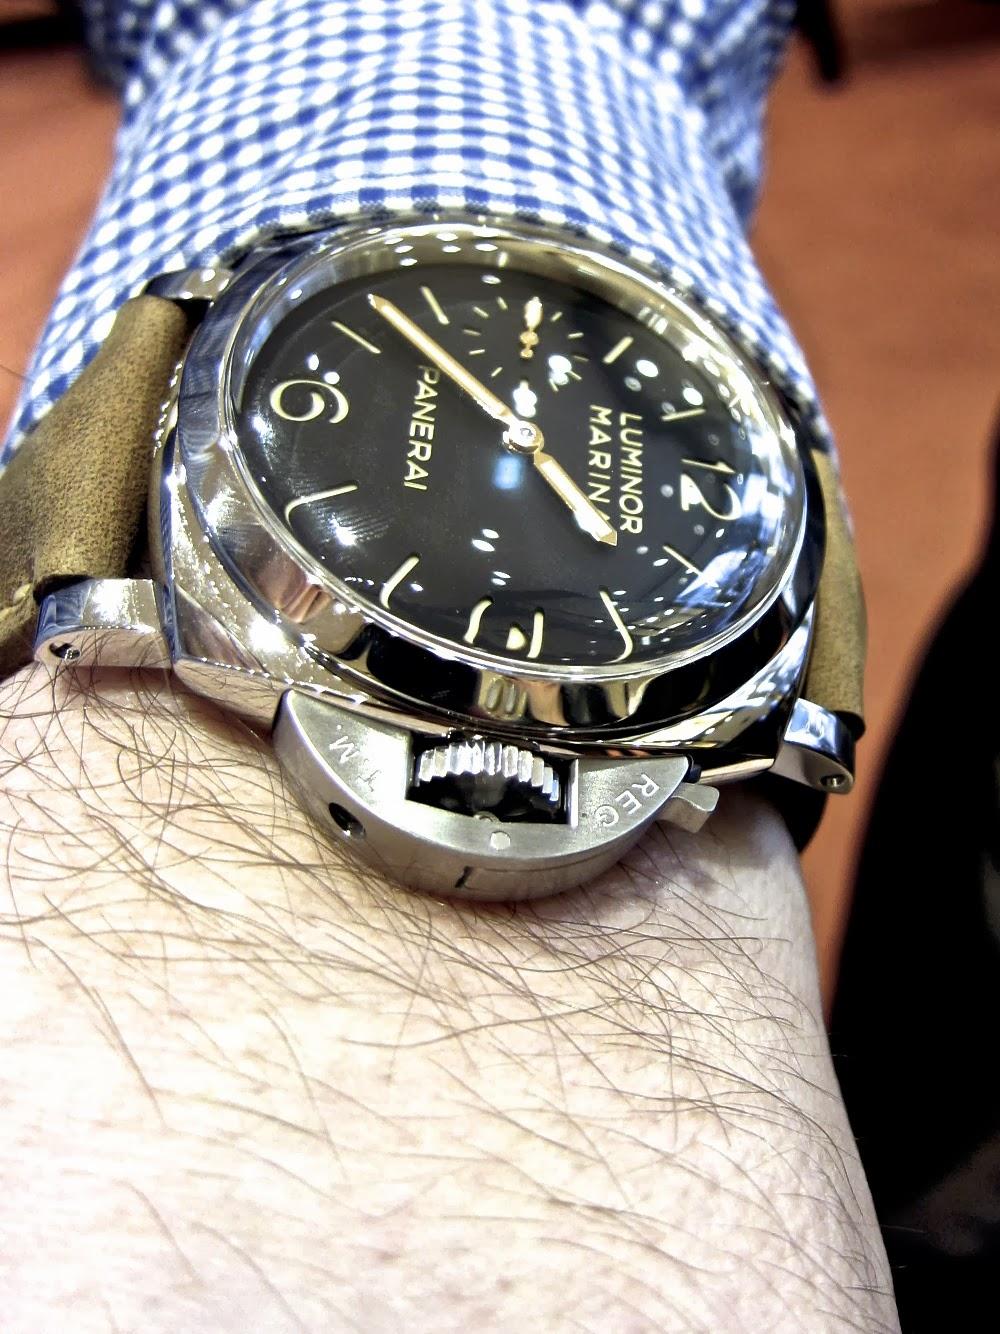 438b9f2e90af4 vedere di piu Replica orologi svizzeri e repliche rolex submariner